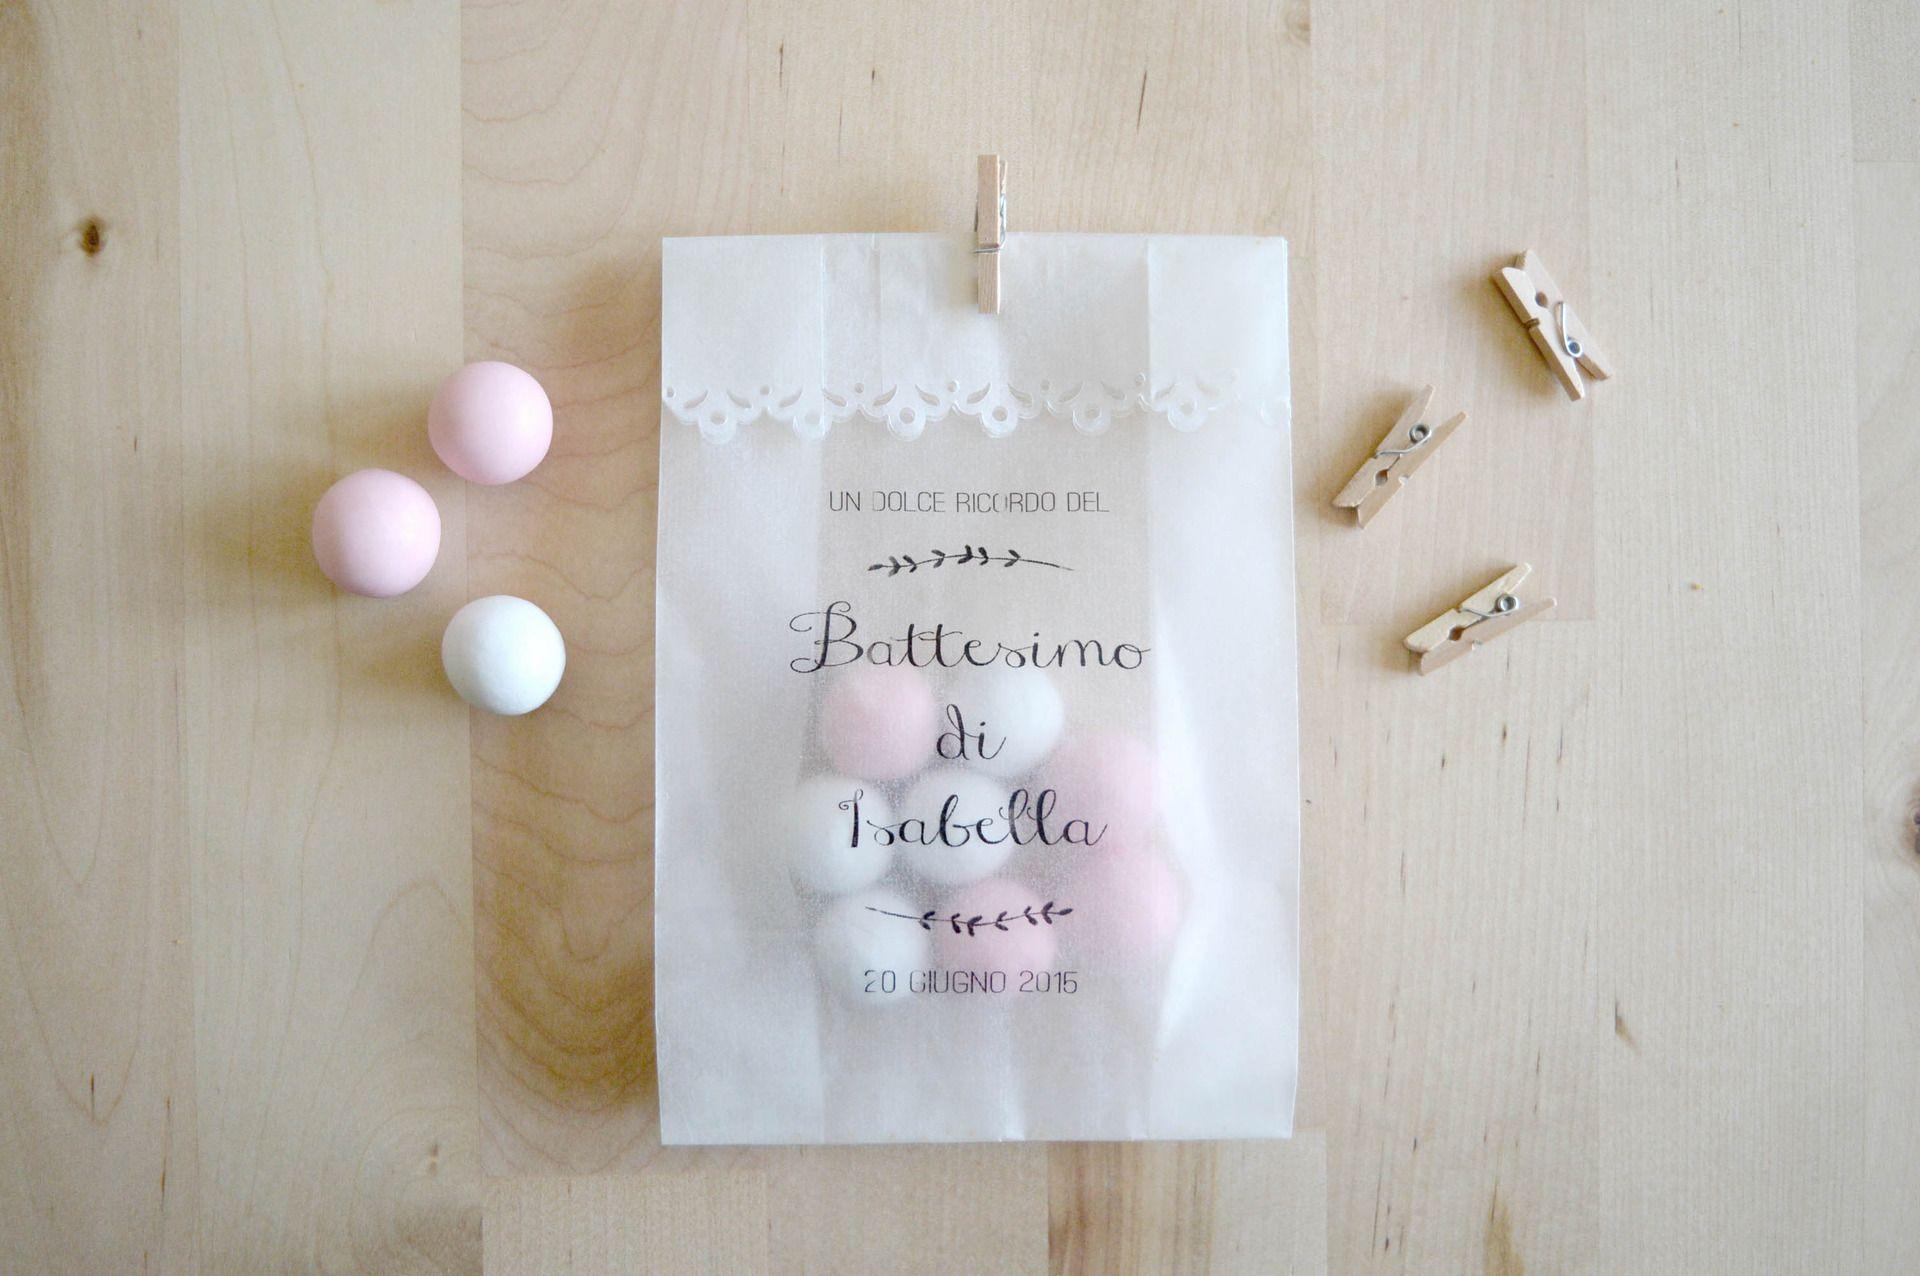 Sacchetti confetti online dating